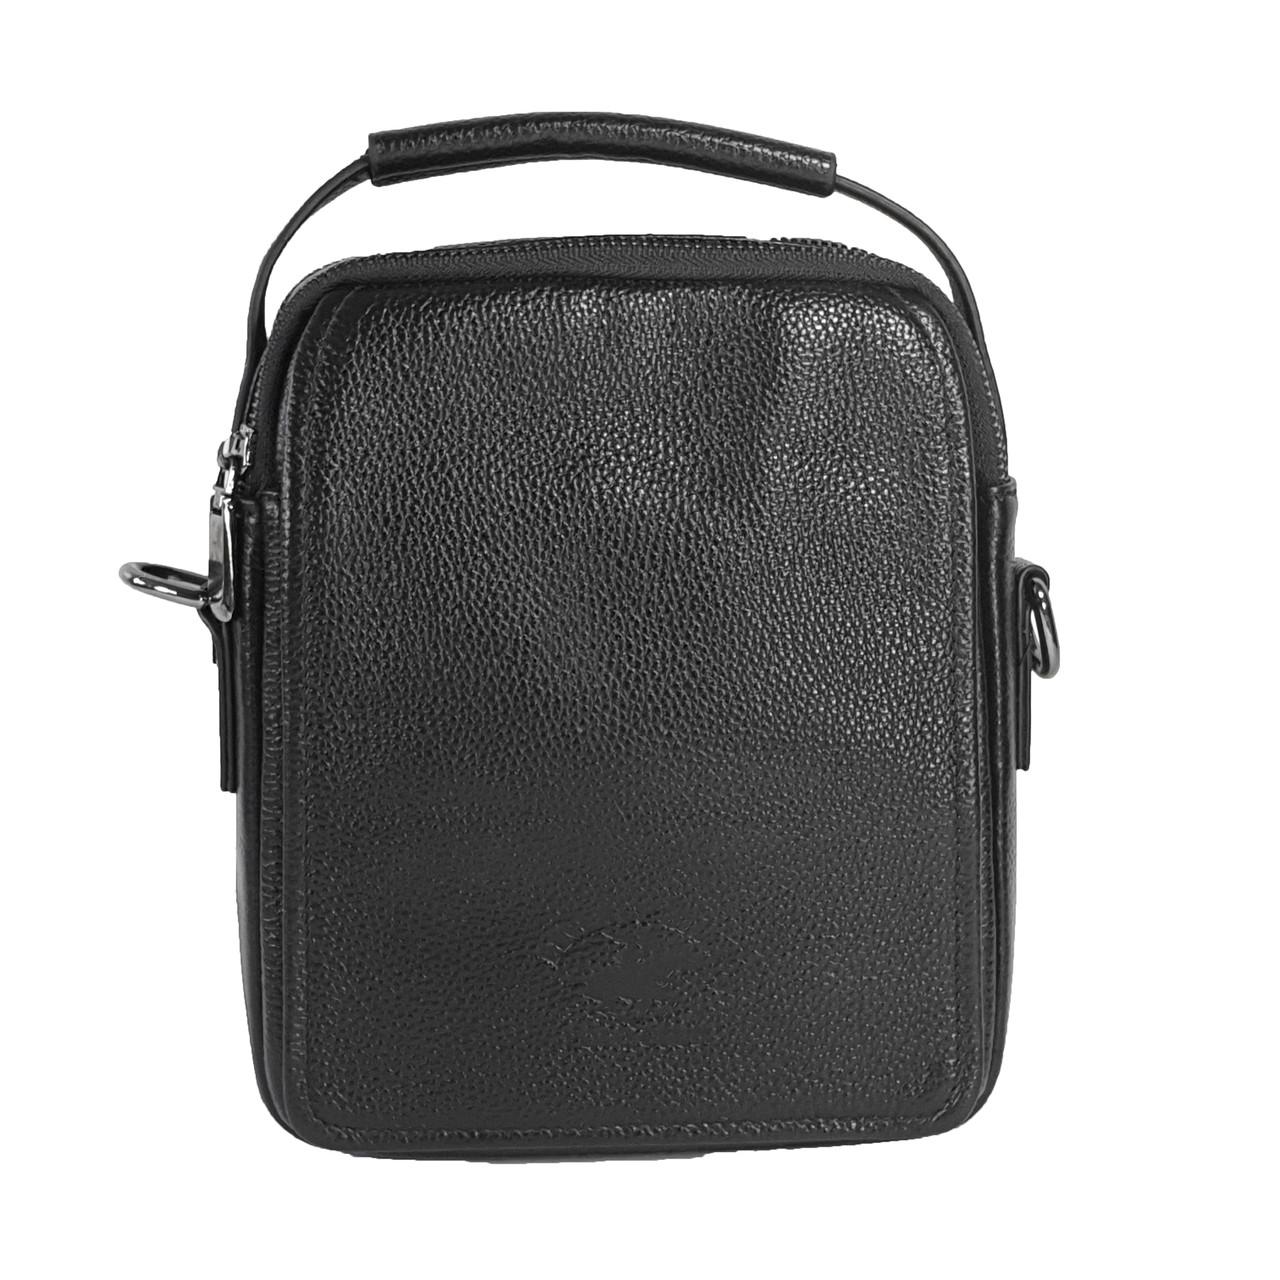 Мужская сумка из натуральной кожи с клапаном Polo